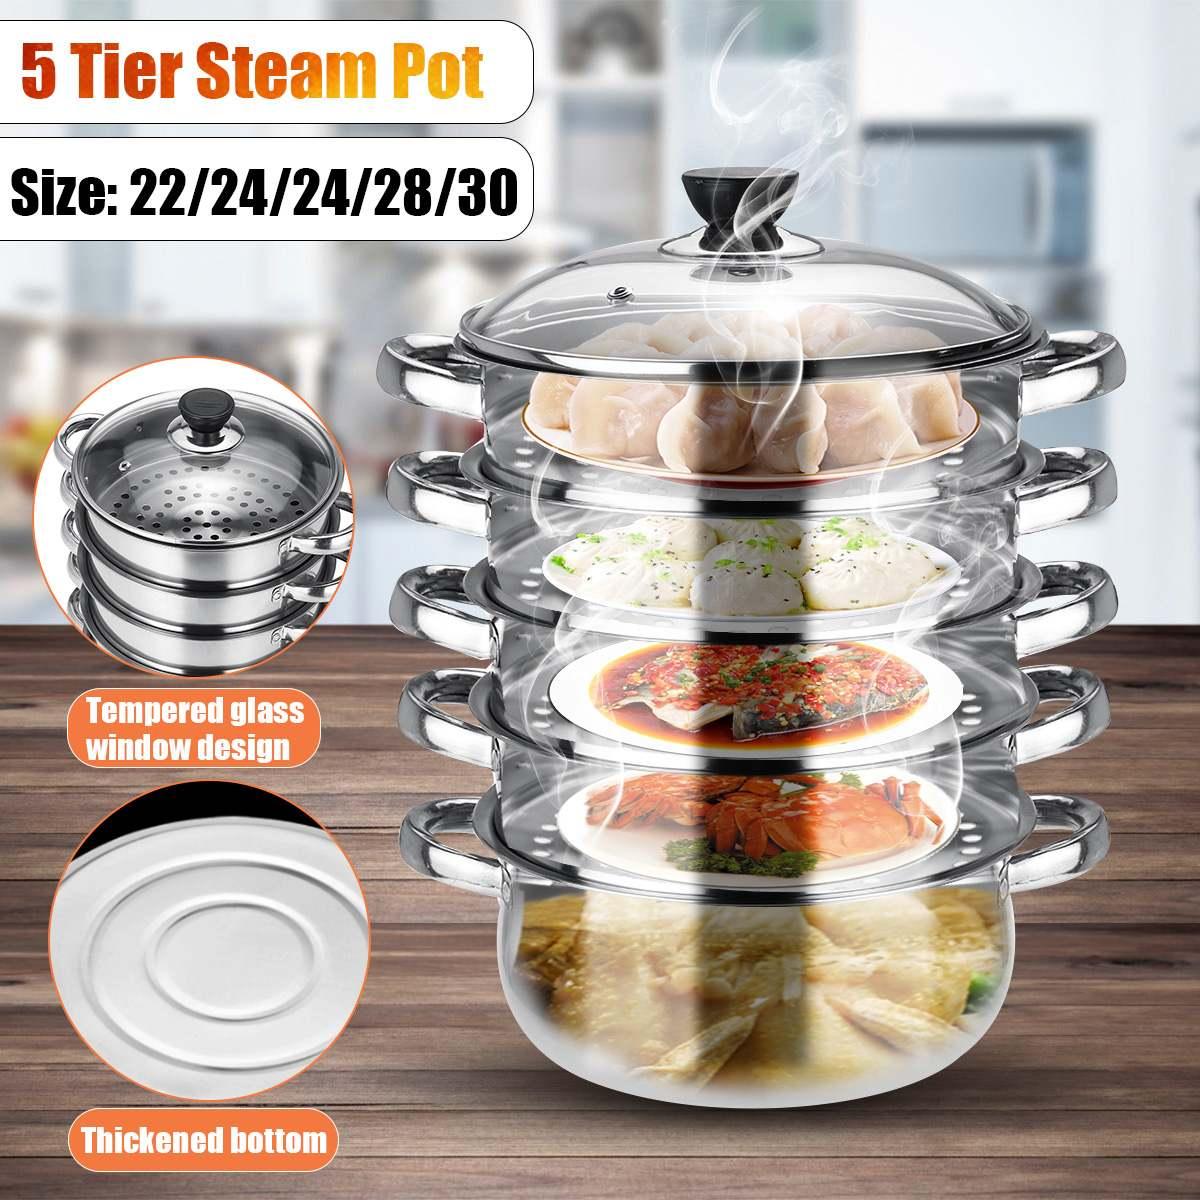 Cuisinière à vapeur 5 niveaux casseroles à vapeur en acier inoxydable 22-30 cm 5 tailles cuiseur à vapeur en bambou + pot inférieur + couvercle pour pain de cuisine